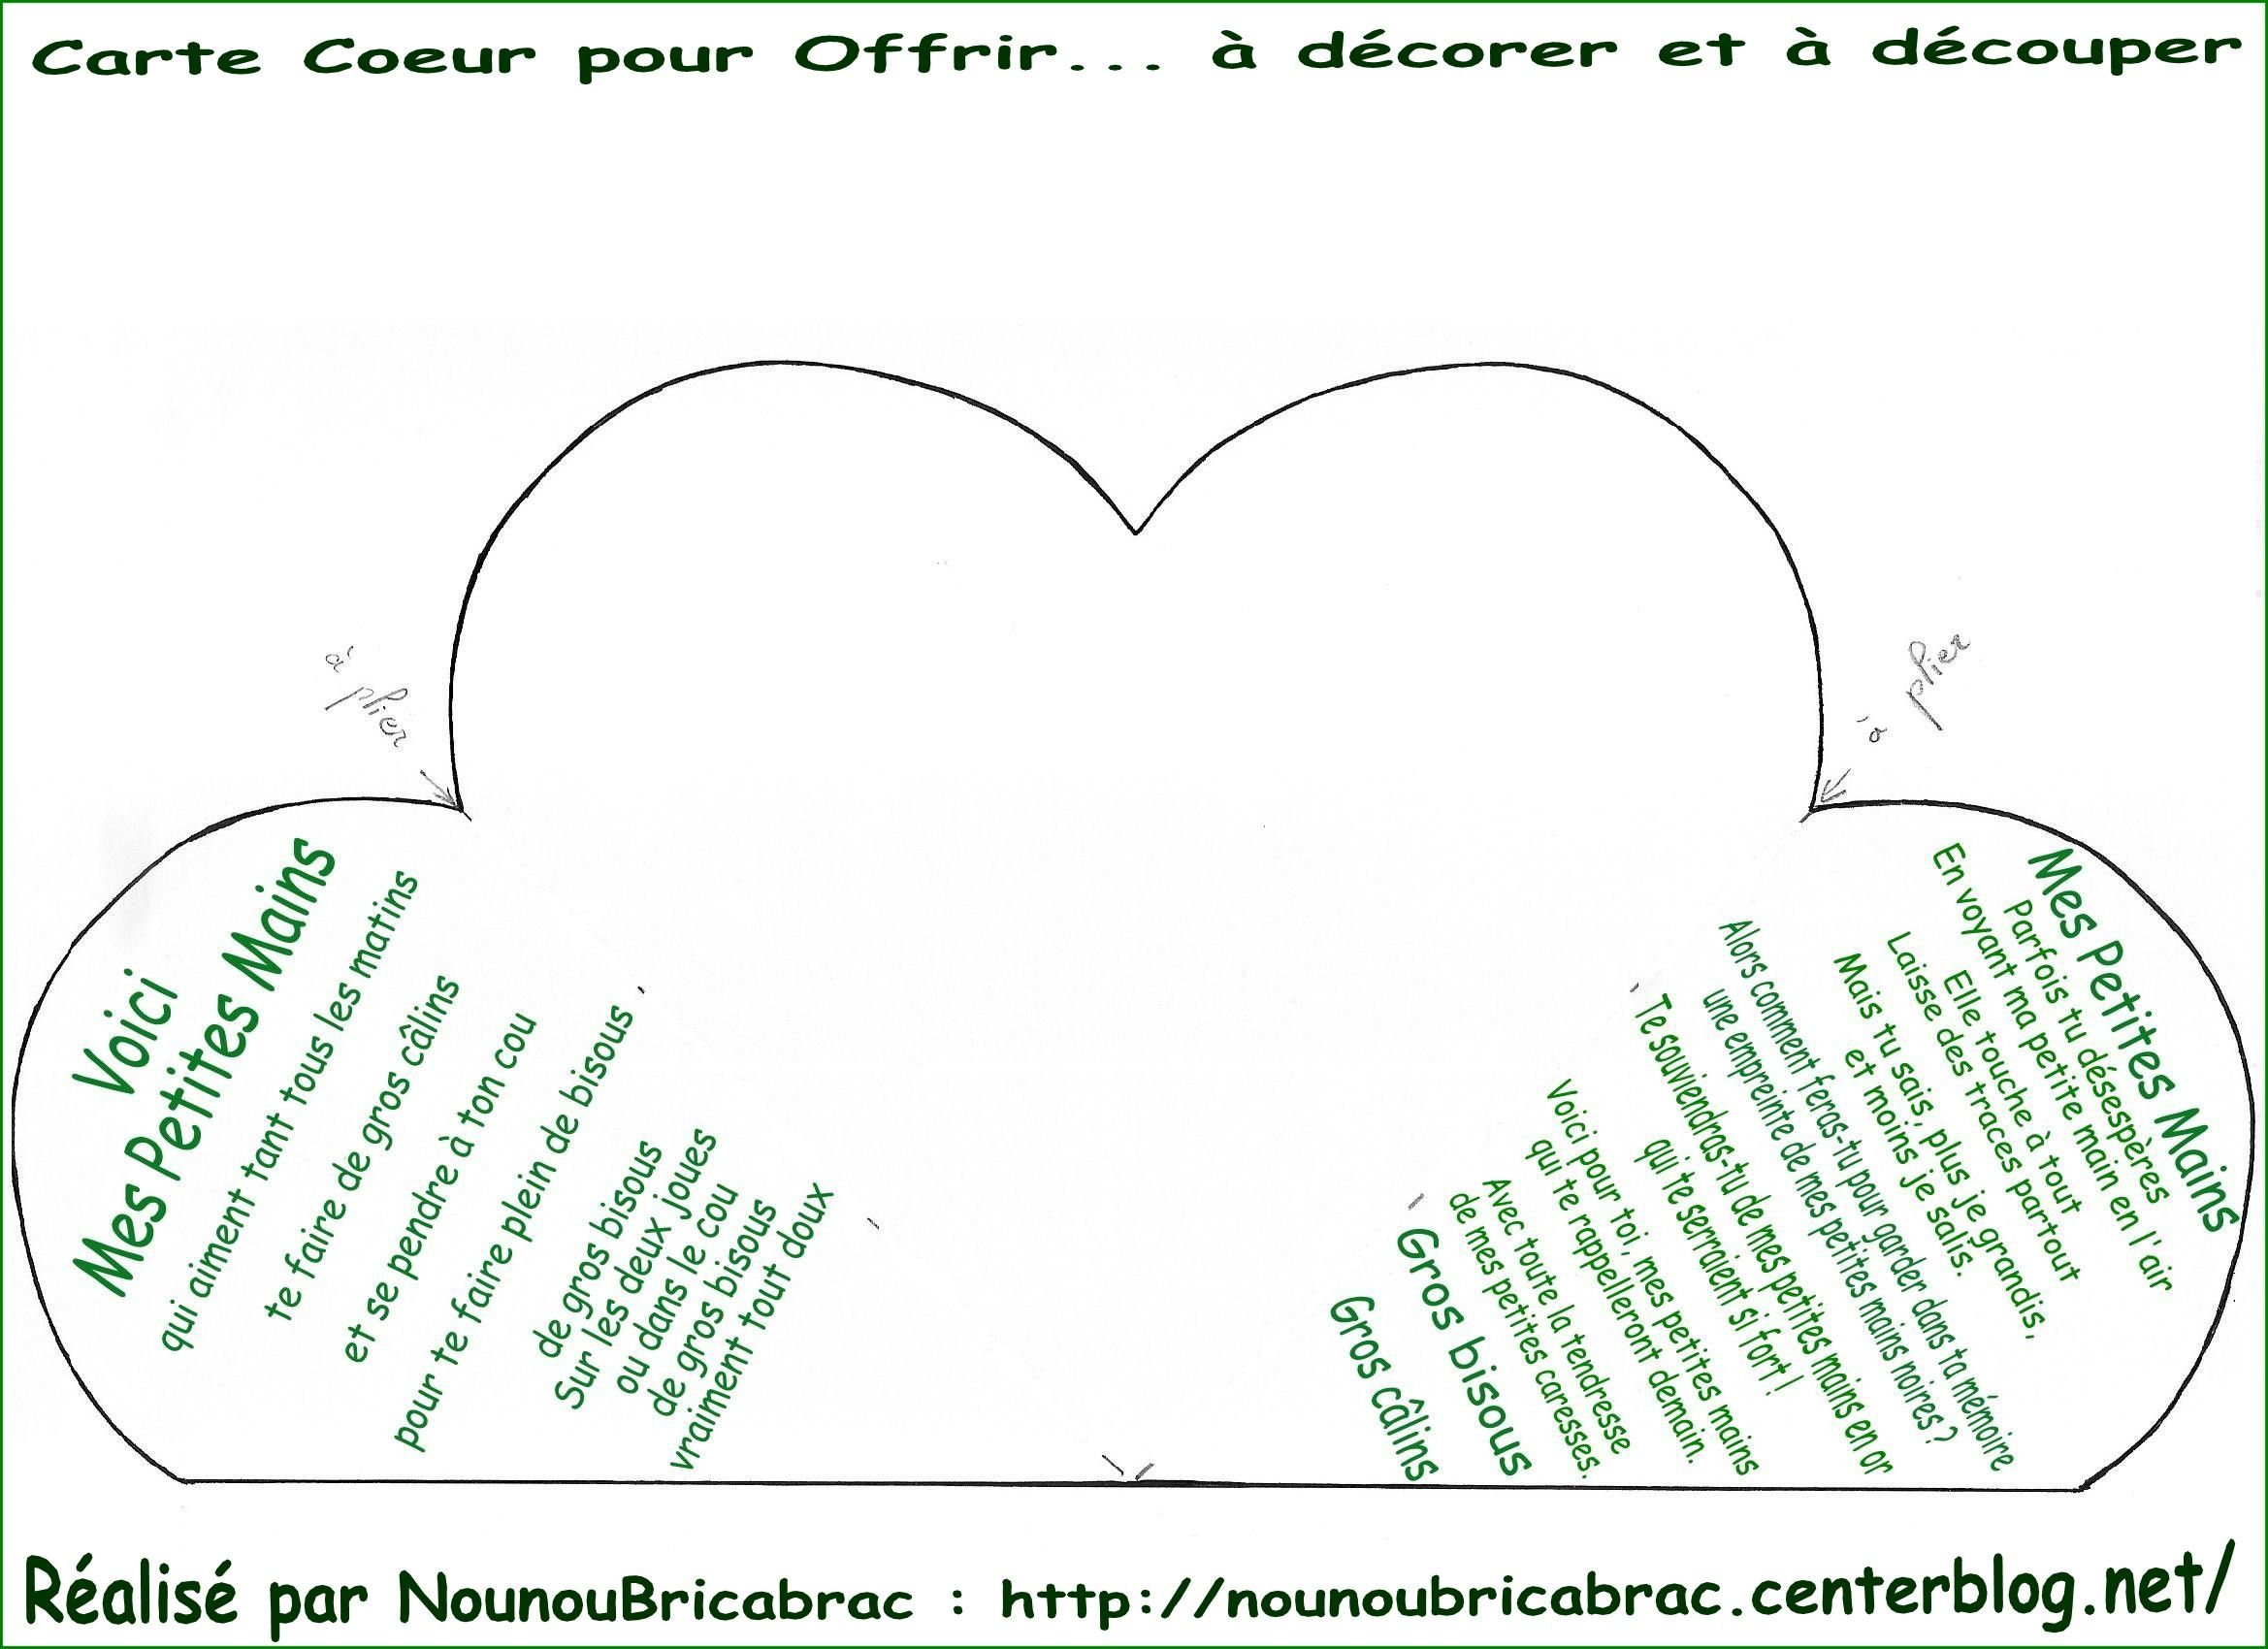 Carte Coeur avec texte *Voici mes mains*... à décorer et à découper